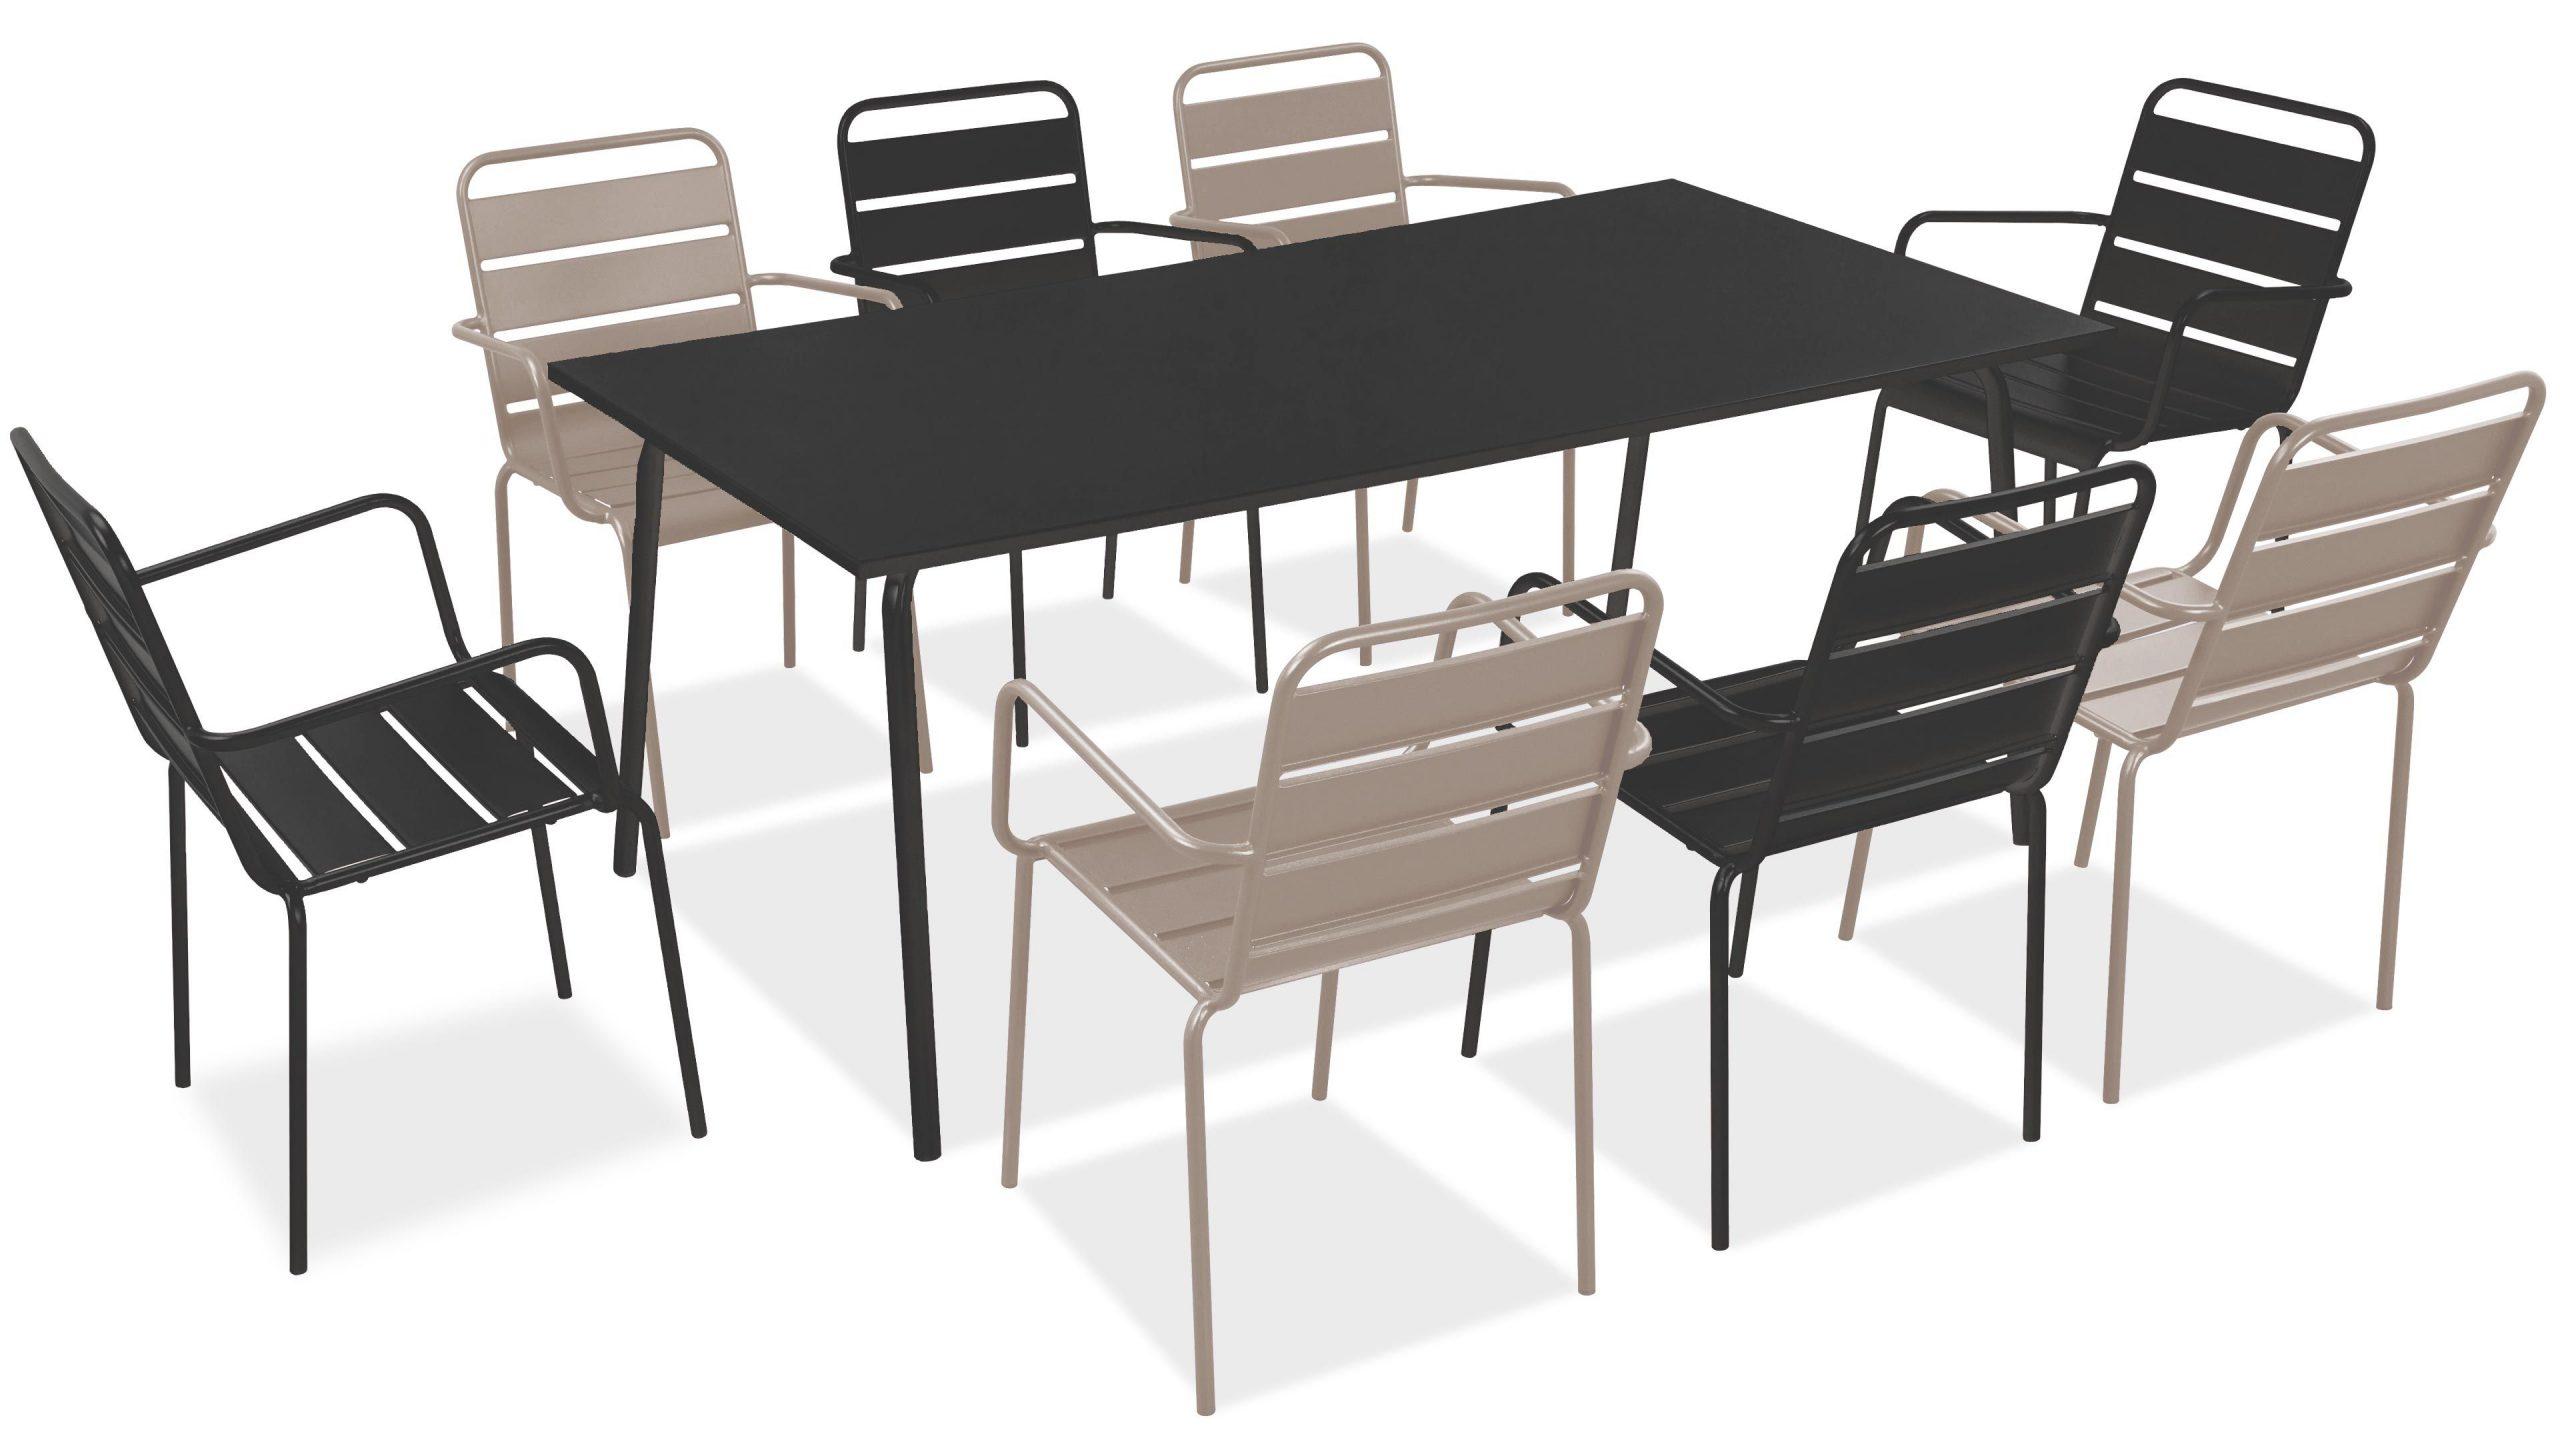 Salon De Jardin Metal Table Et Fauteuils dedans Meuble Jardin Metal